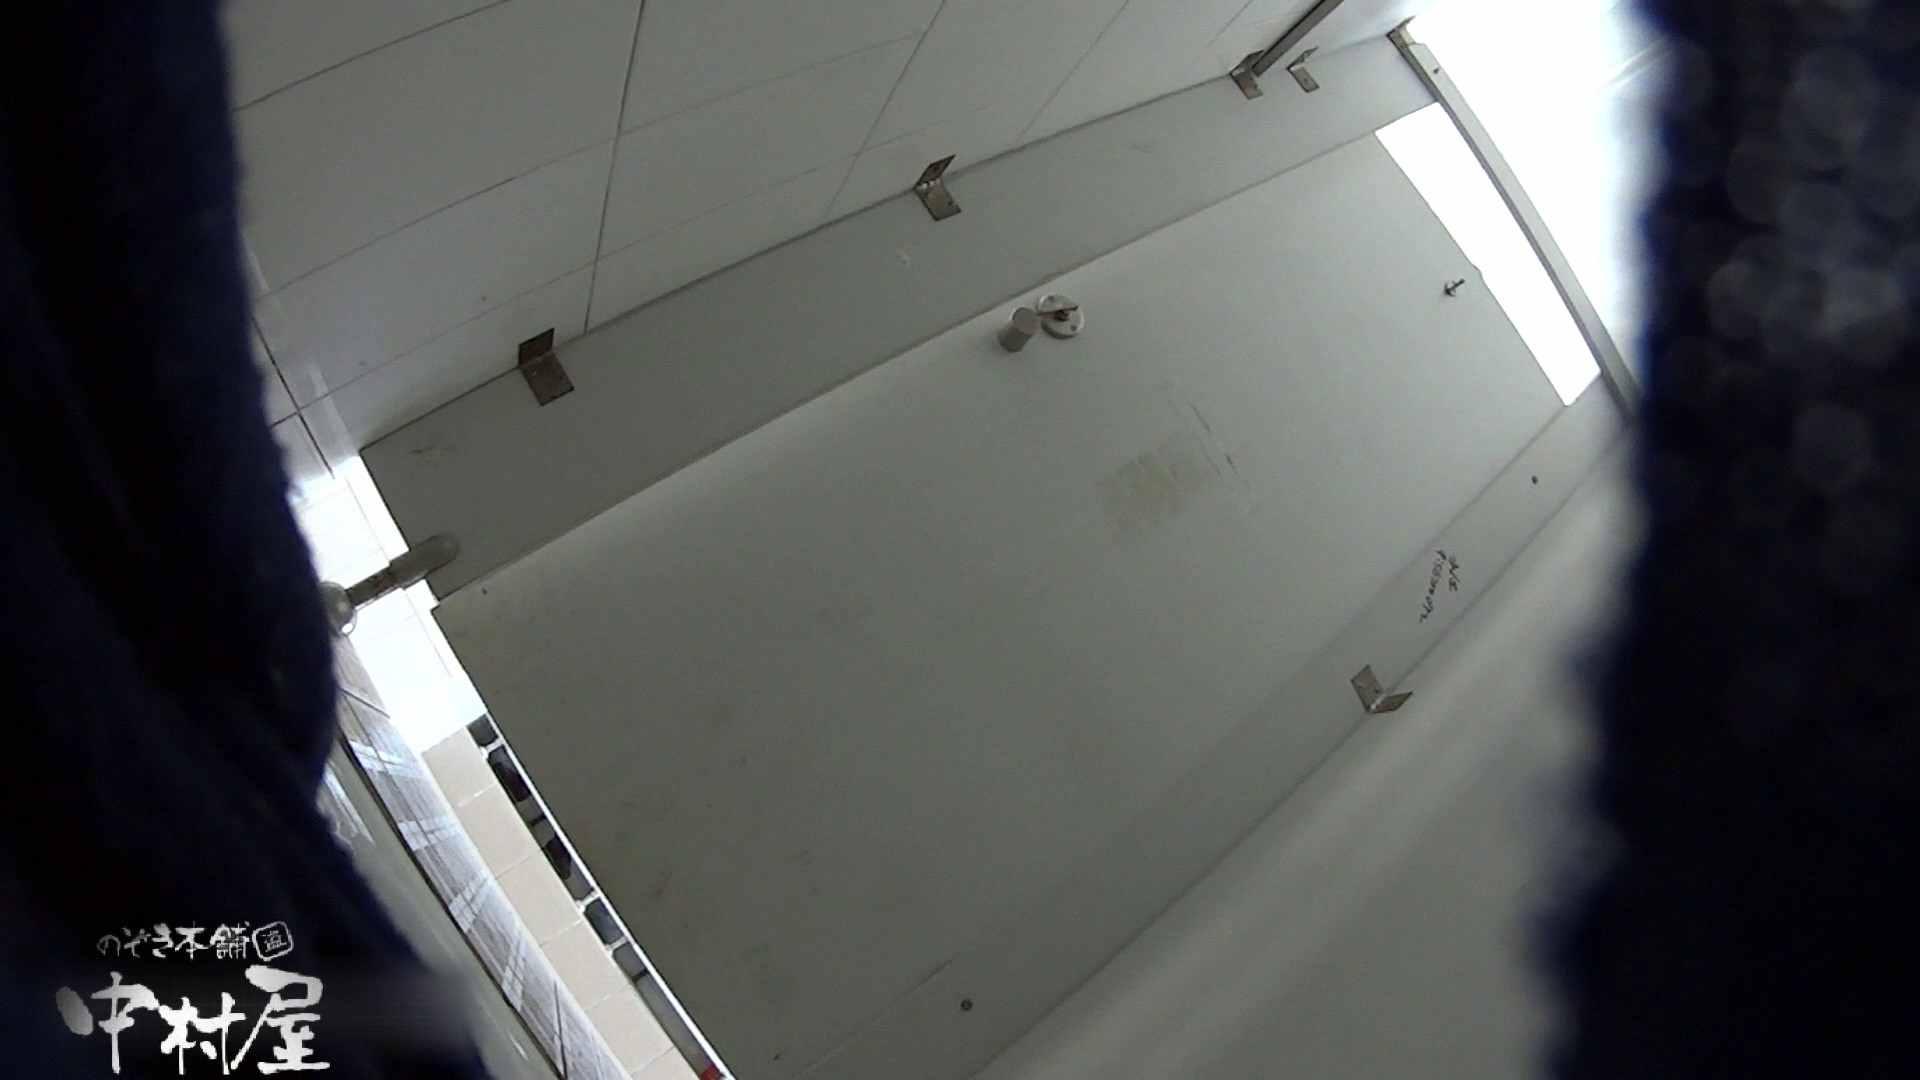 うんこがとても綺麗に出ています!有名大学休憩時間の洗面所事情05 お姉さんのエロ生活 AV無料動画キャプチャ 112連発 3